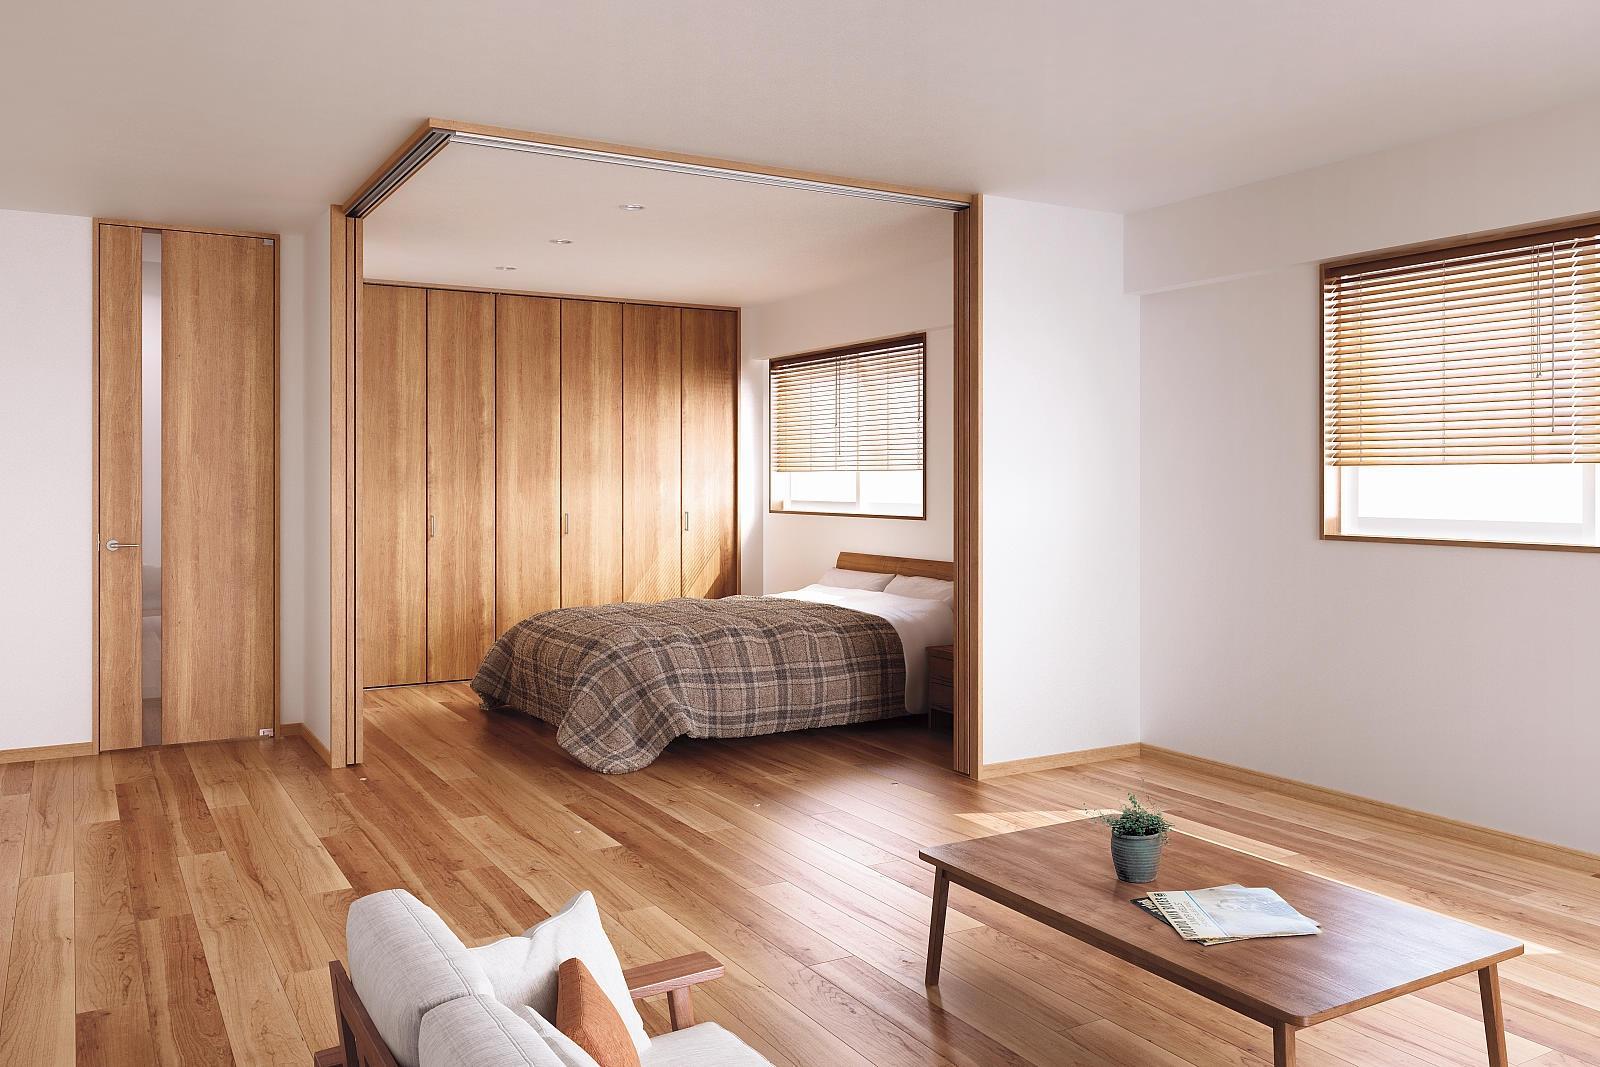 カントリーテイストの部屋 安心感のある暖かさが感じられるベッドルーム